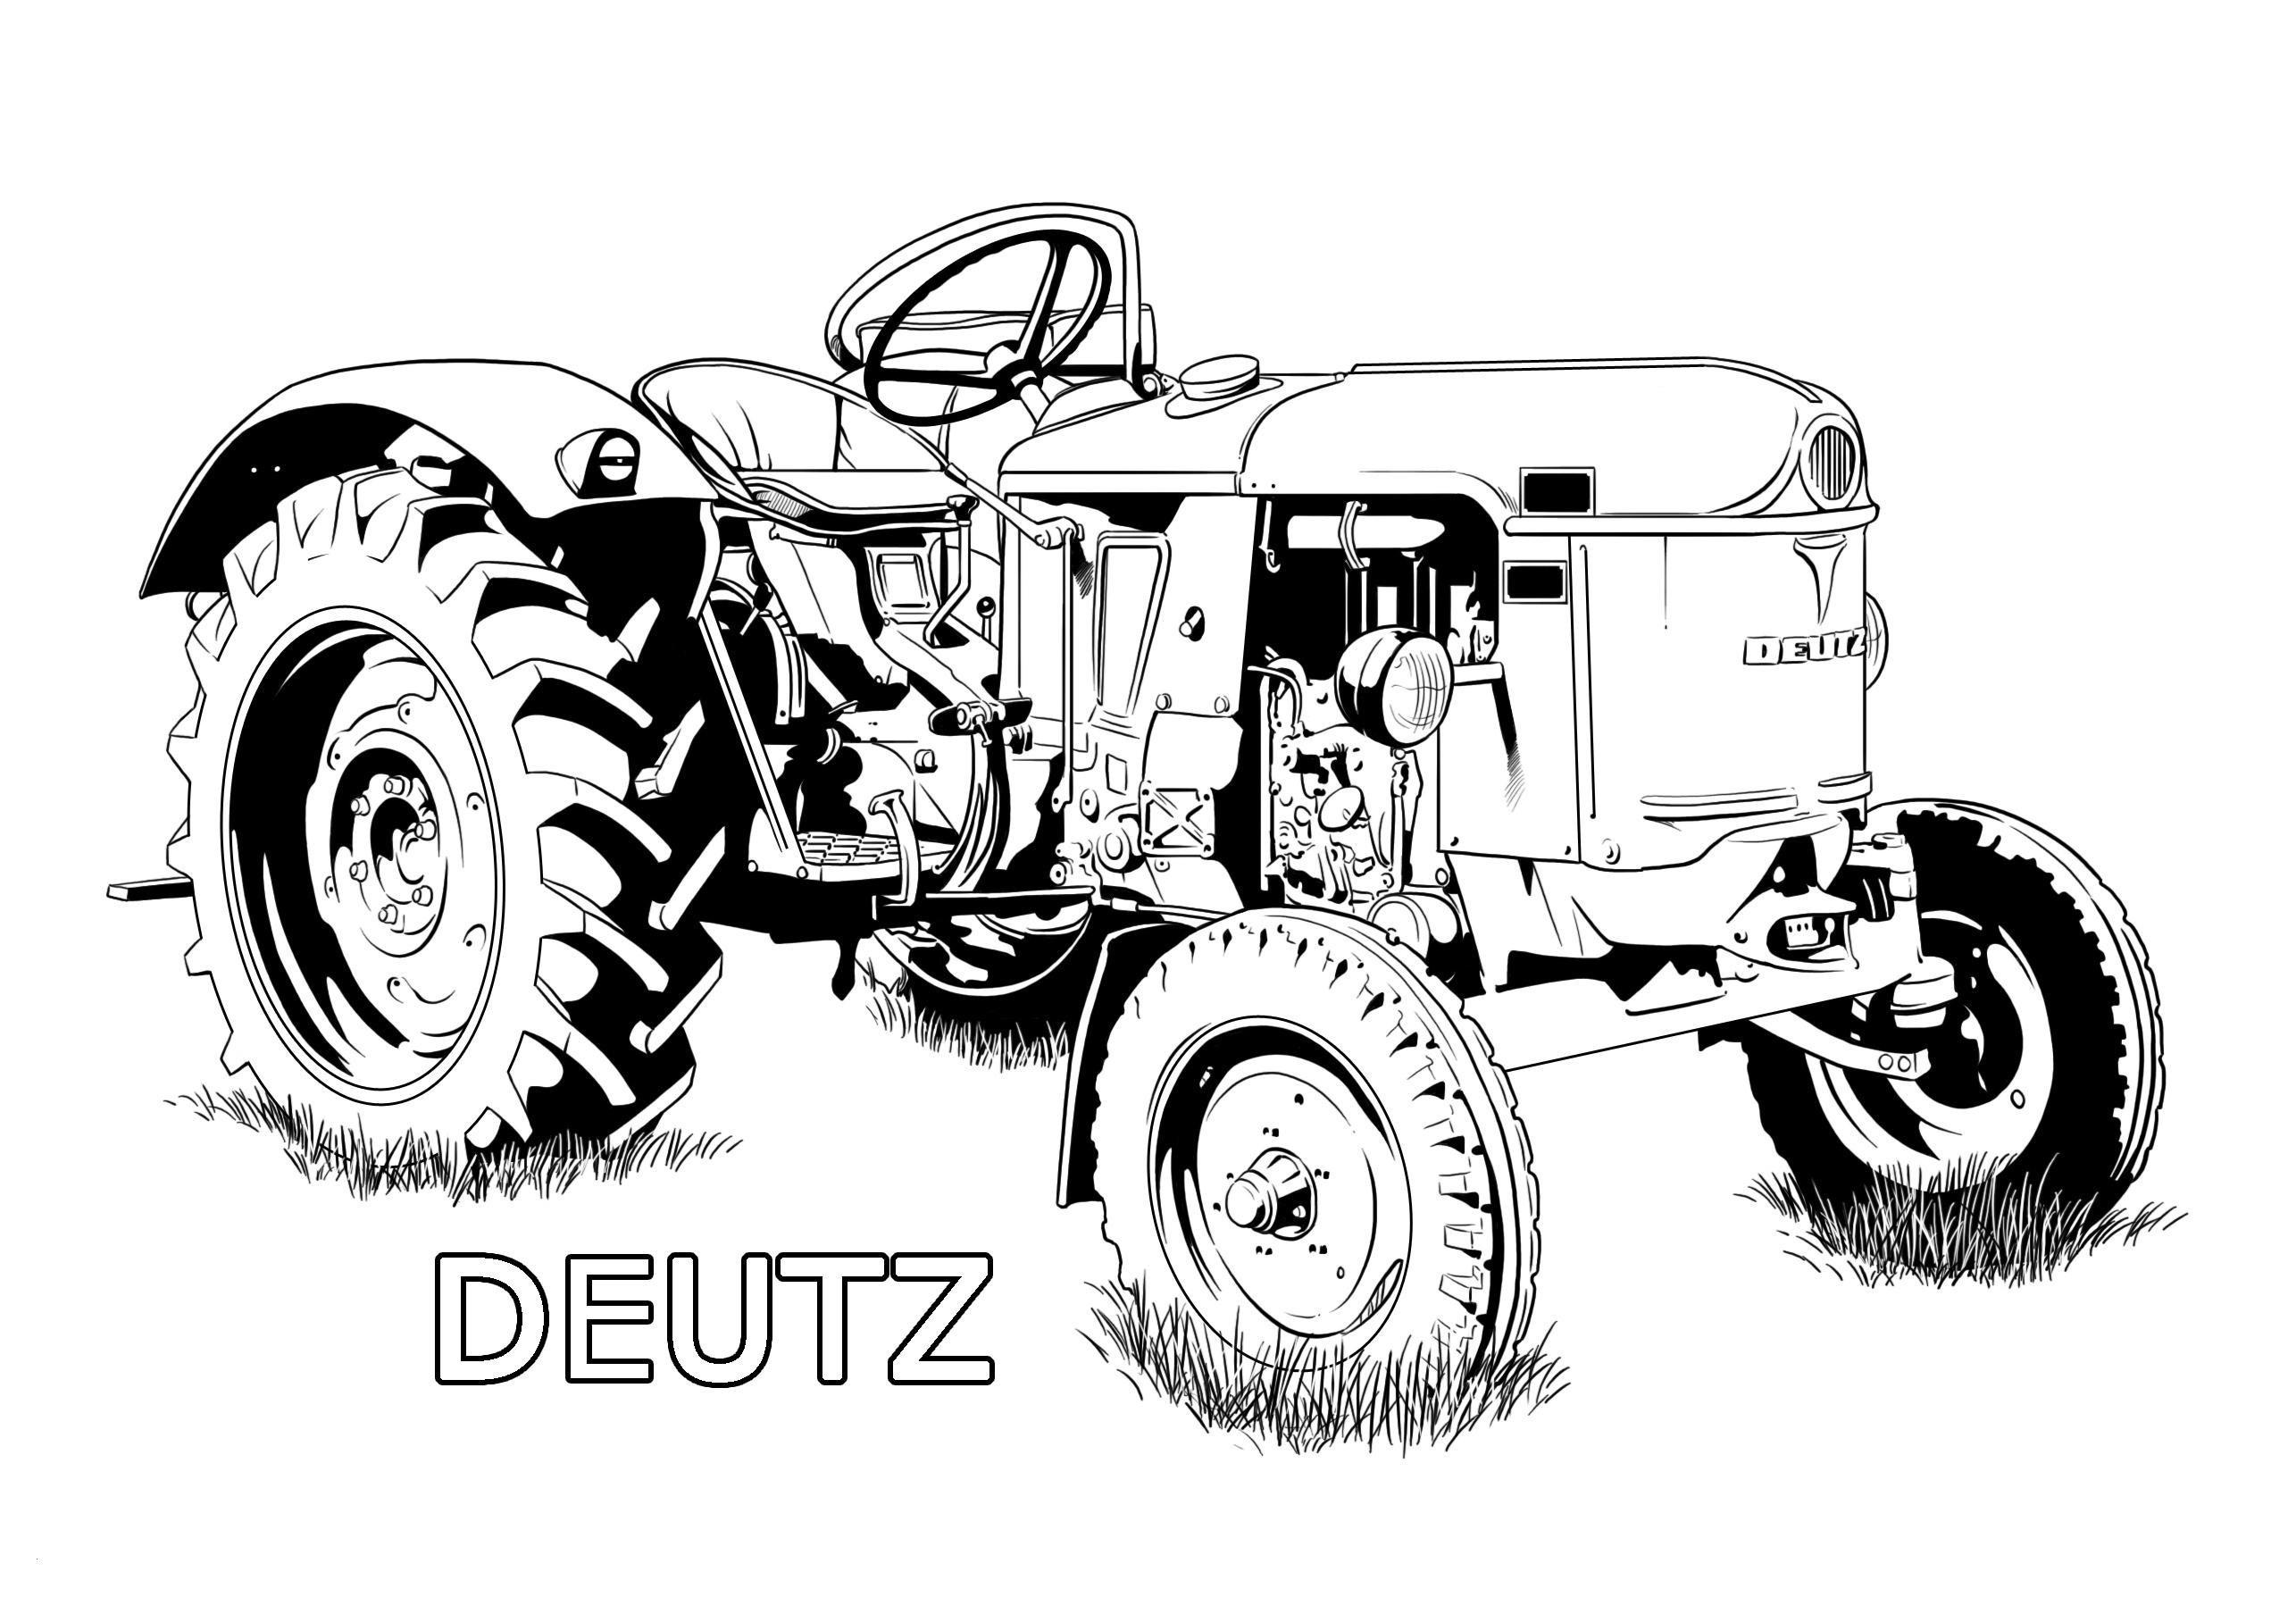 Ausmalbilder Traktor Mit Frontlader Genial Ausmalbilder Traktoren Fendt Best 37 Traktor Ausmalbilder Zum Das Bild